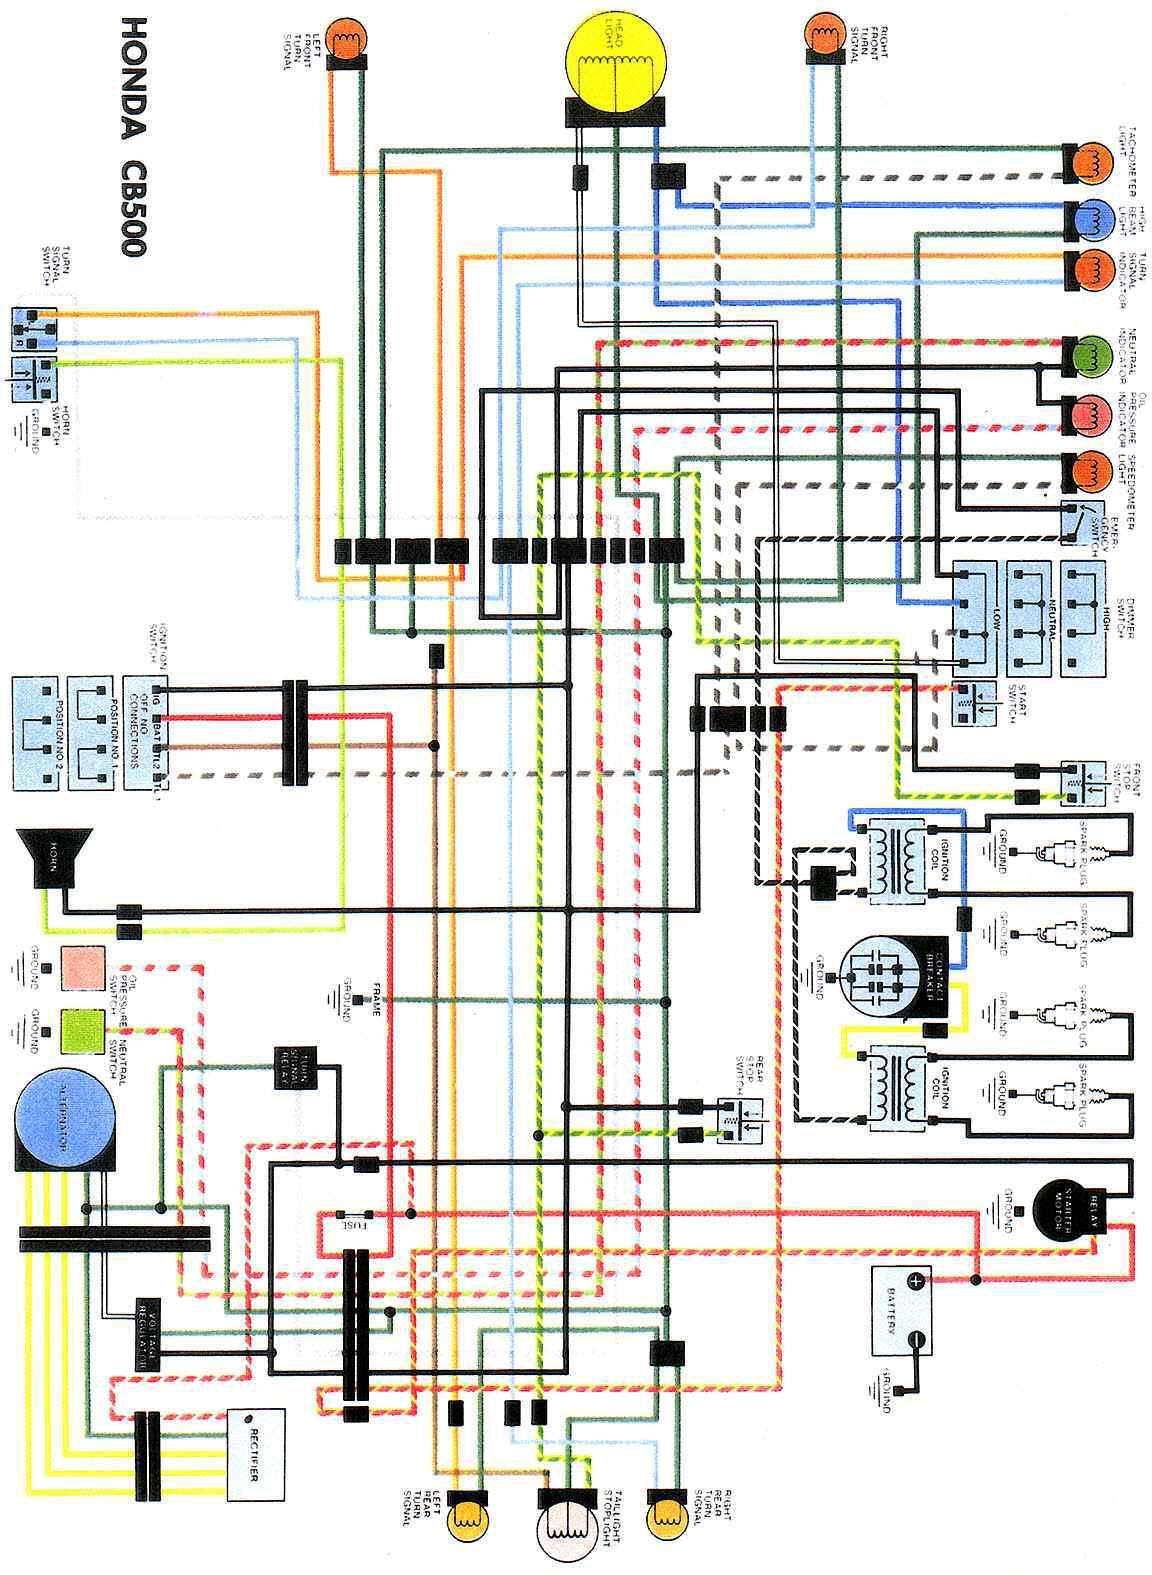 1992 Suzuki Gsxr 750 Wiring Diagram Diagrams Harness Bandit 400 07